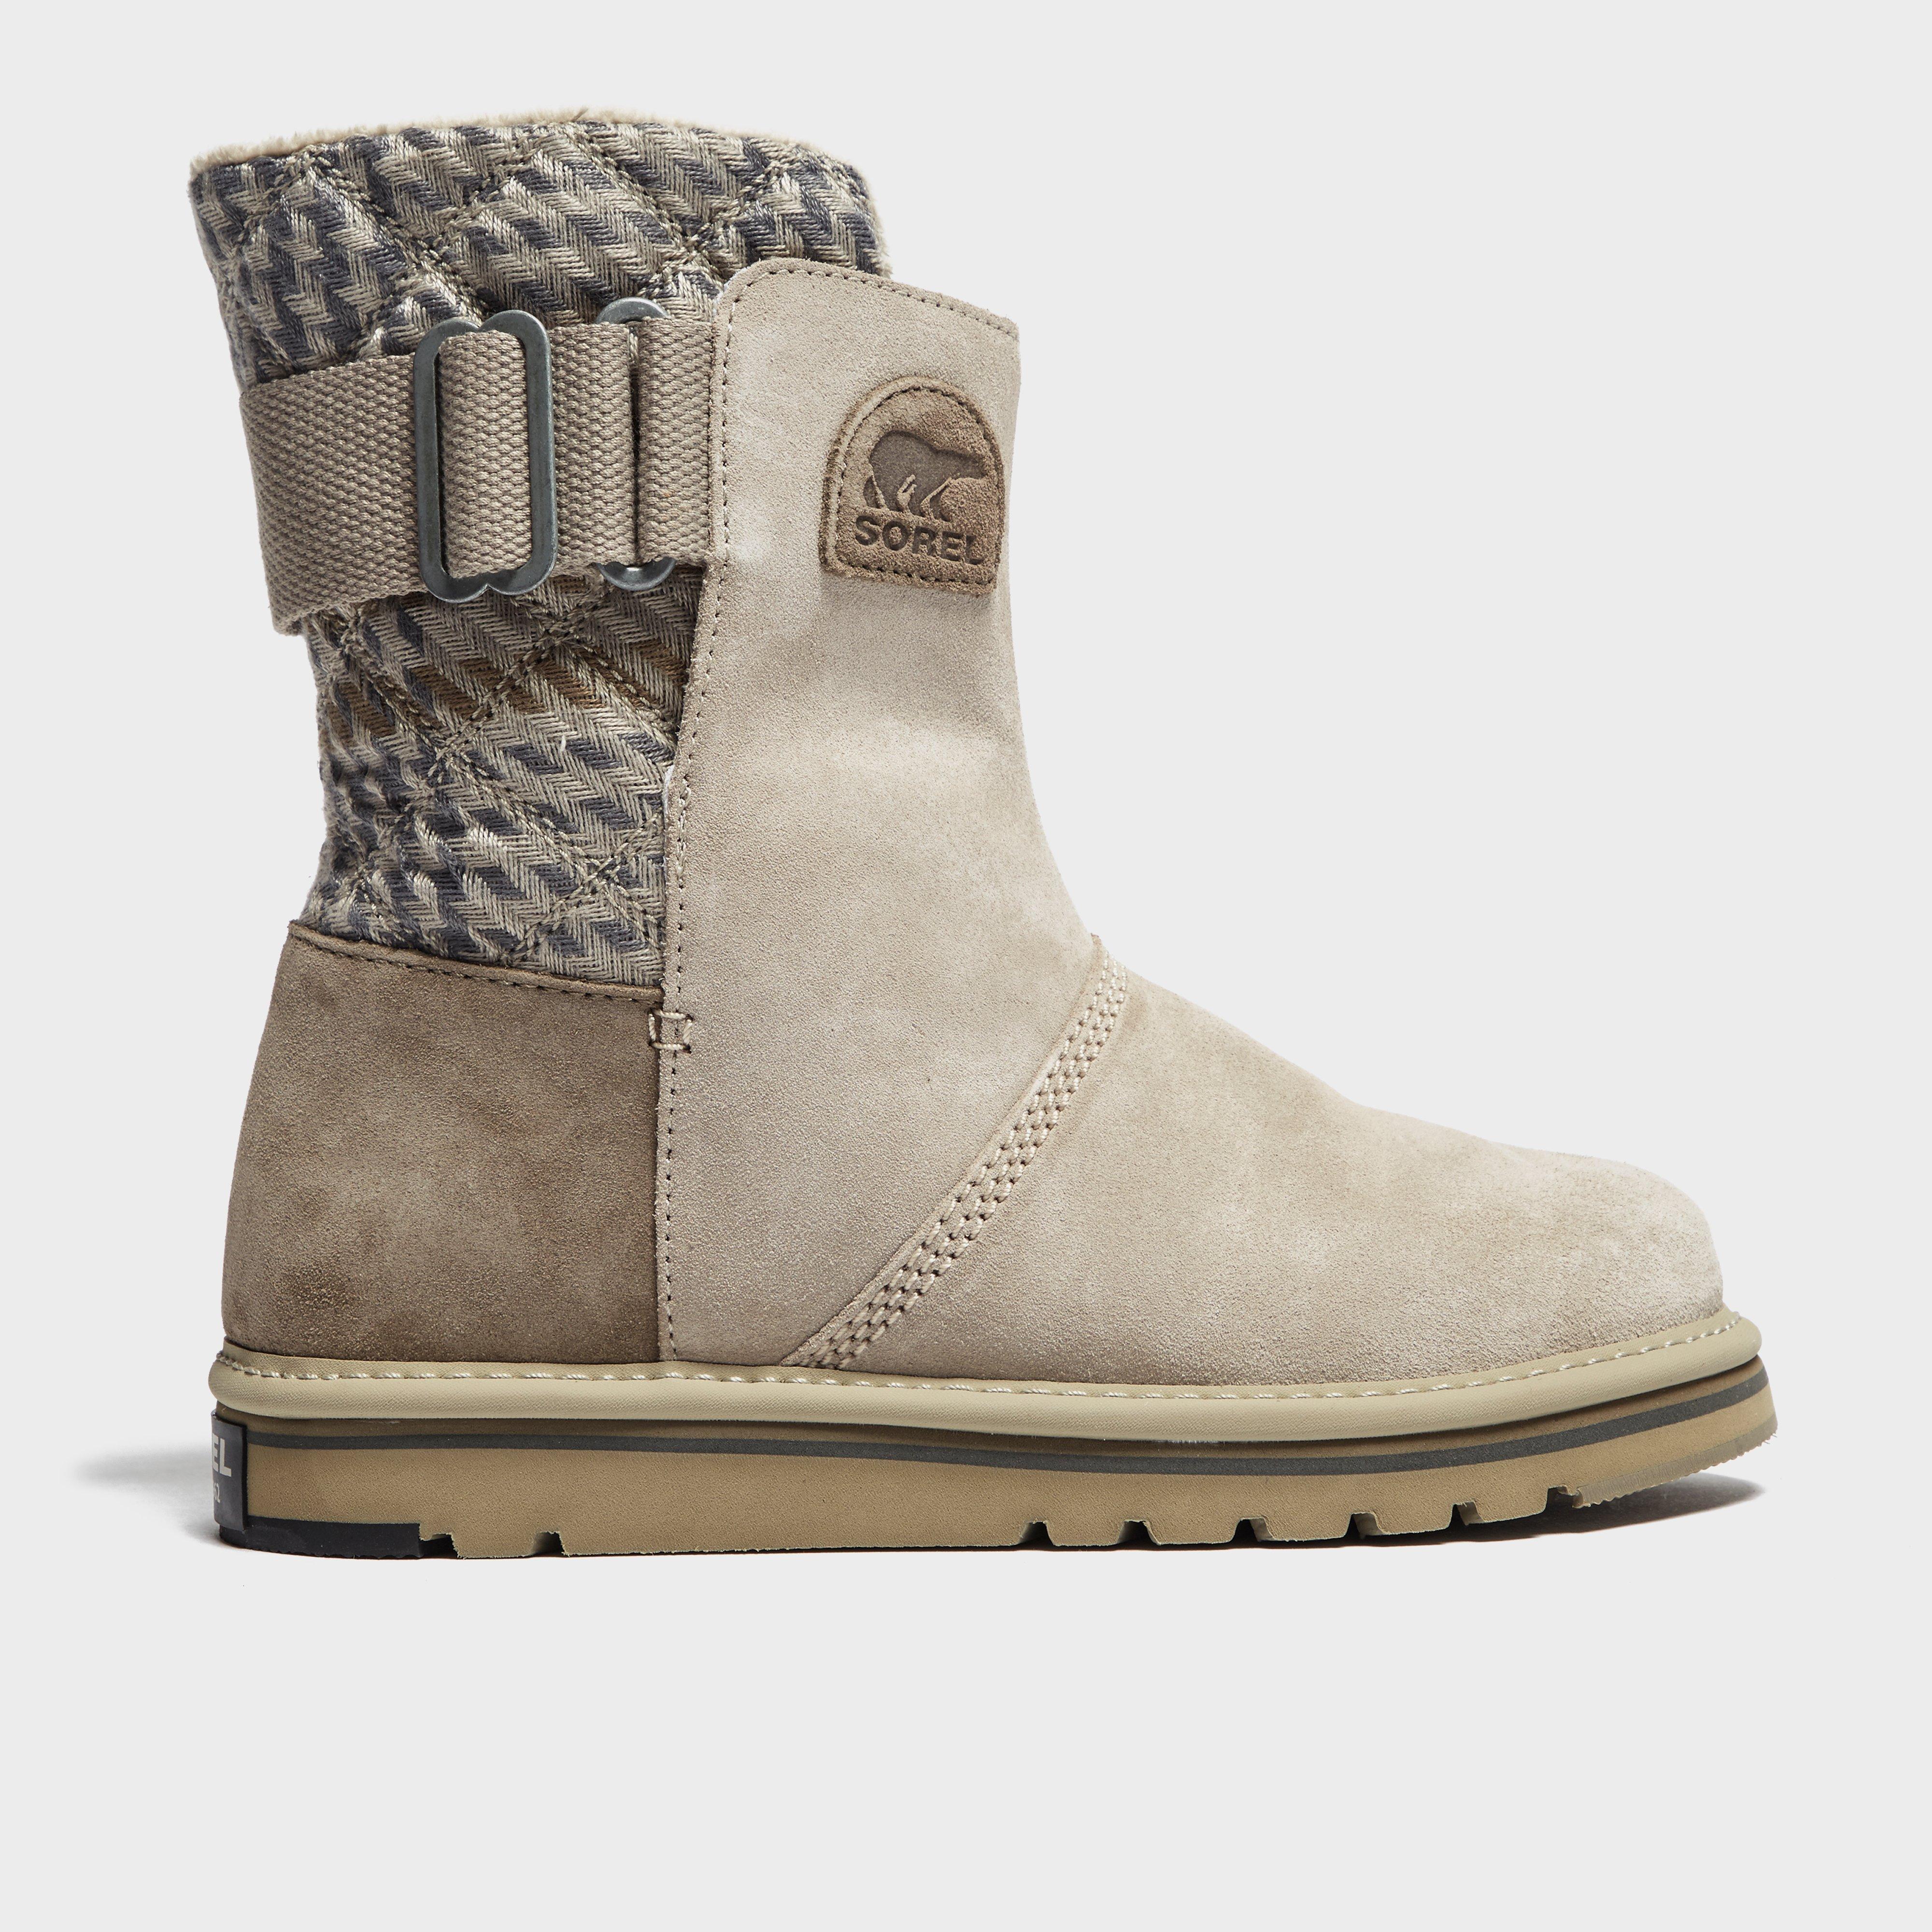 Women's Snow Boots Unique Designed Comfort Winter Boots Alphabet